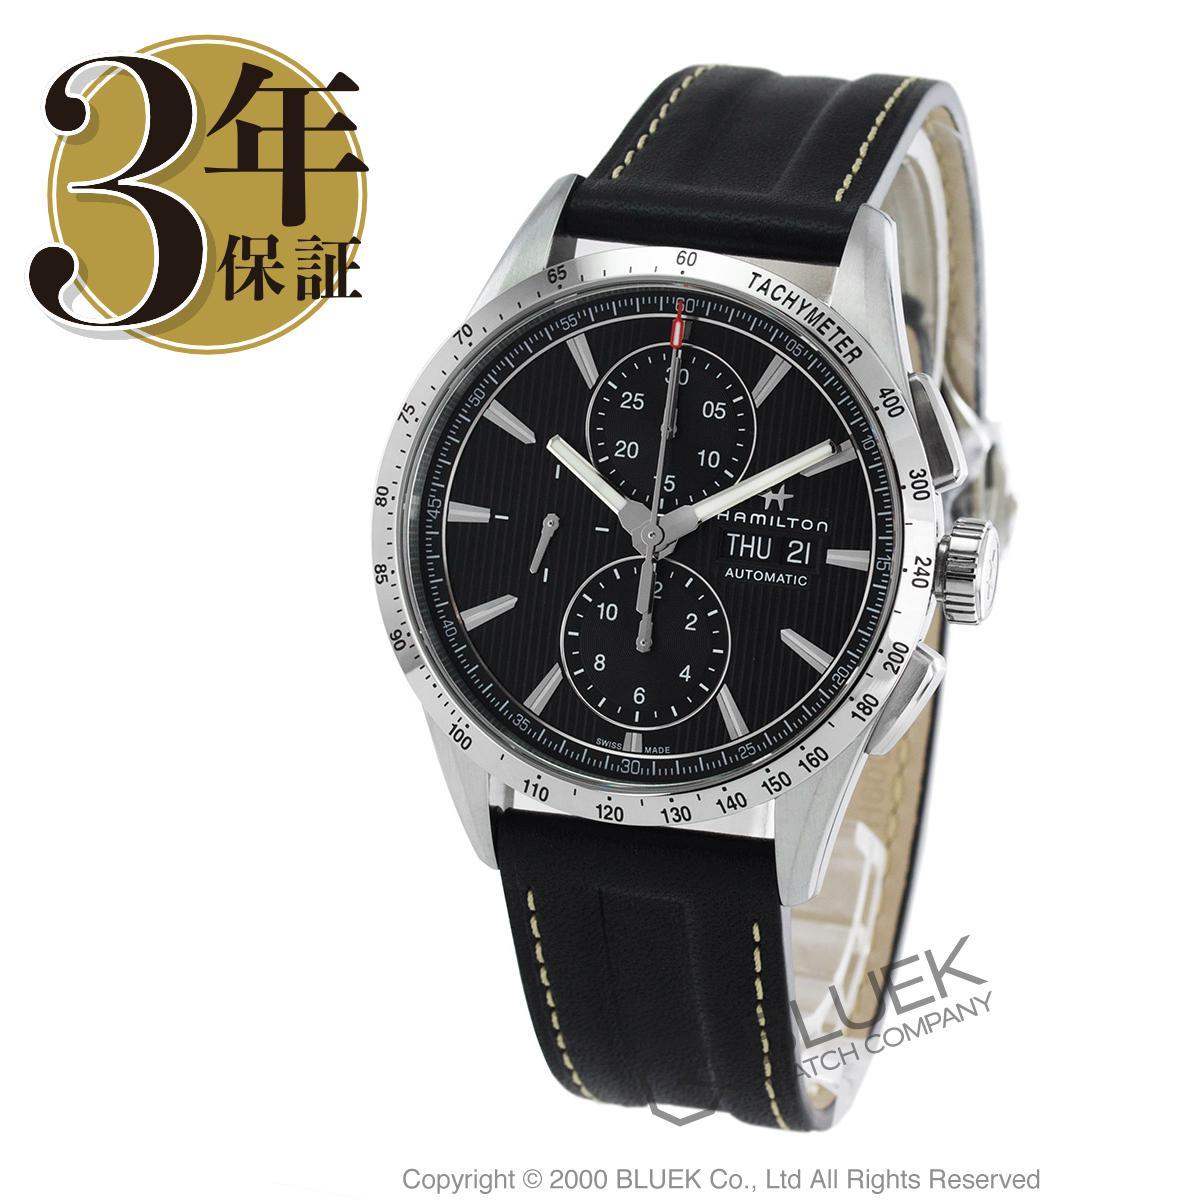 ハミルトン ブロードウェイ オート クロノ クロノグラフ 腕時計 メンズ HAMILTON H43516731_3